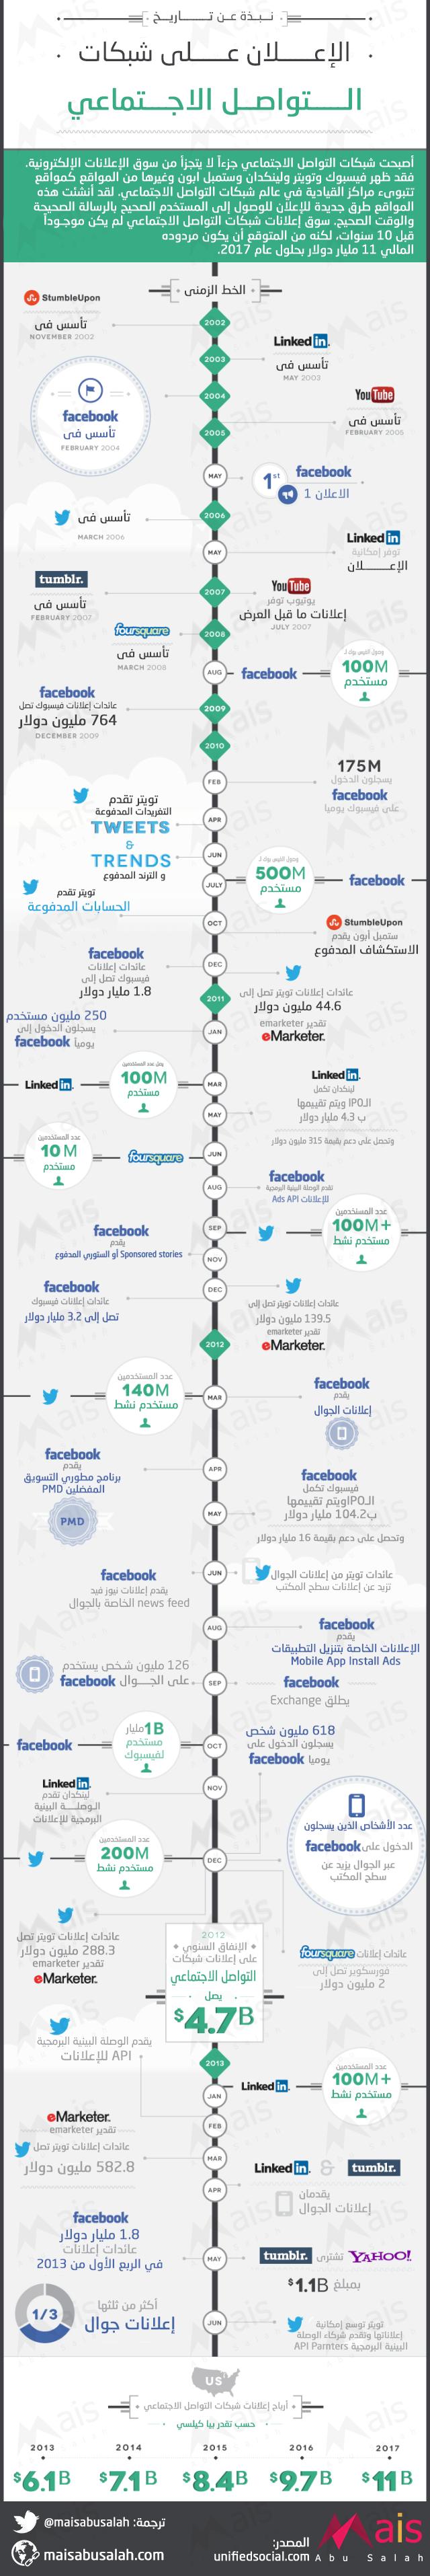 تاريخ الإعلان على شبكات الإعلام الاجتماعي #انفوجرافيك